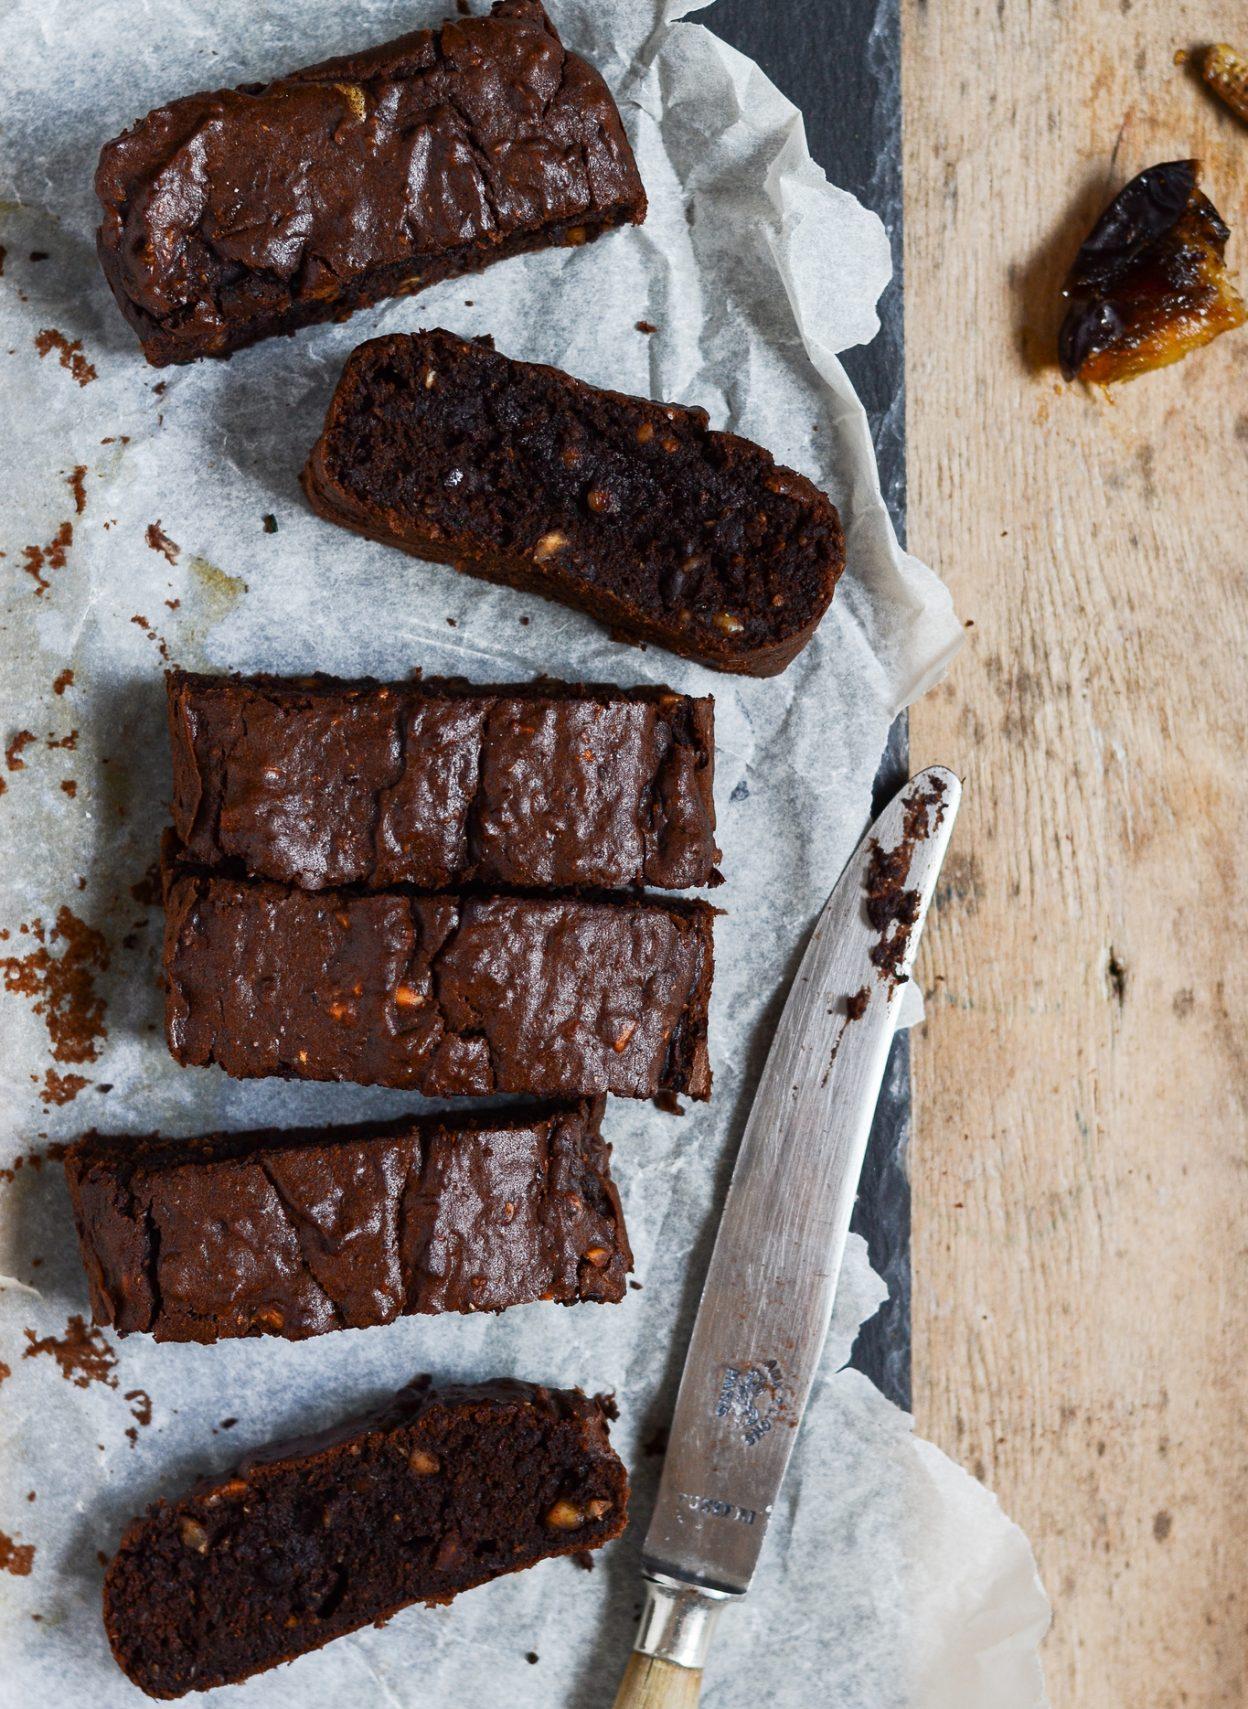 sundere-chokoladekage-med-dadler-og-squash-1